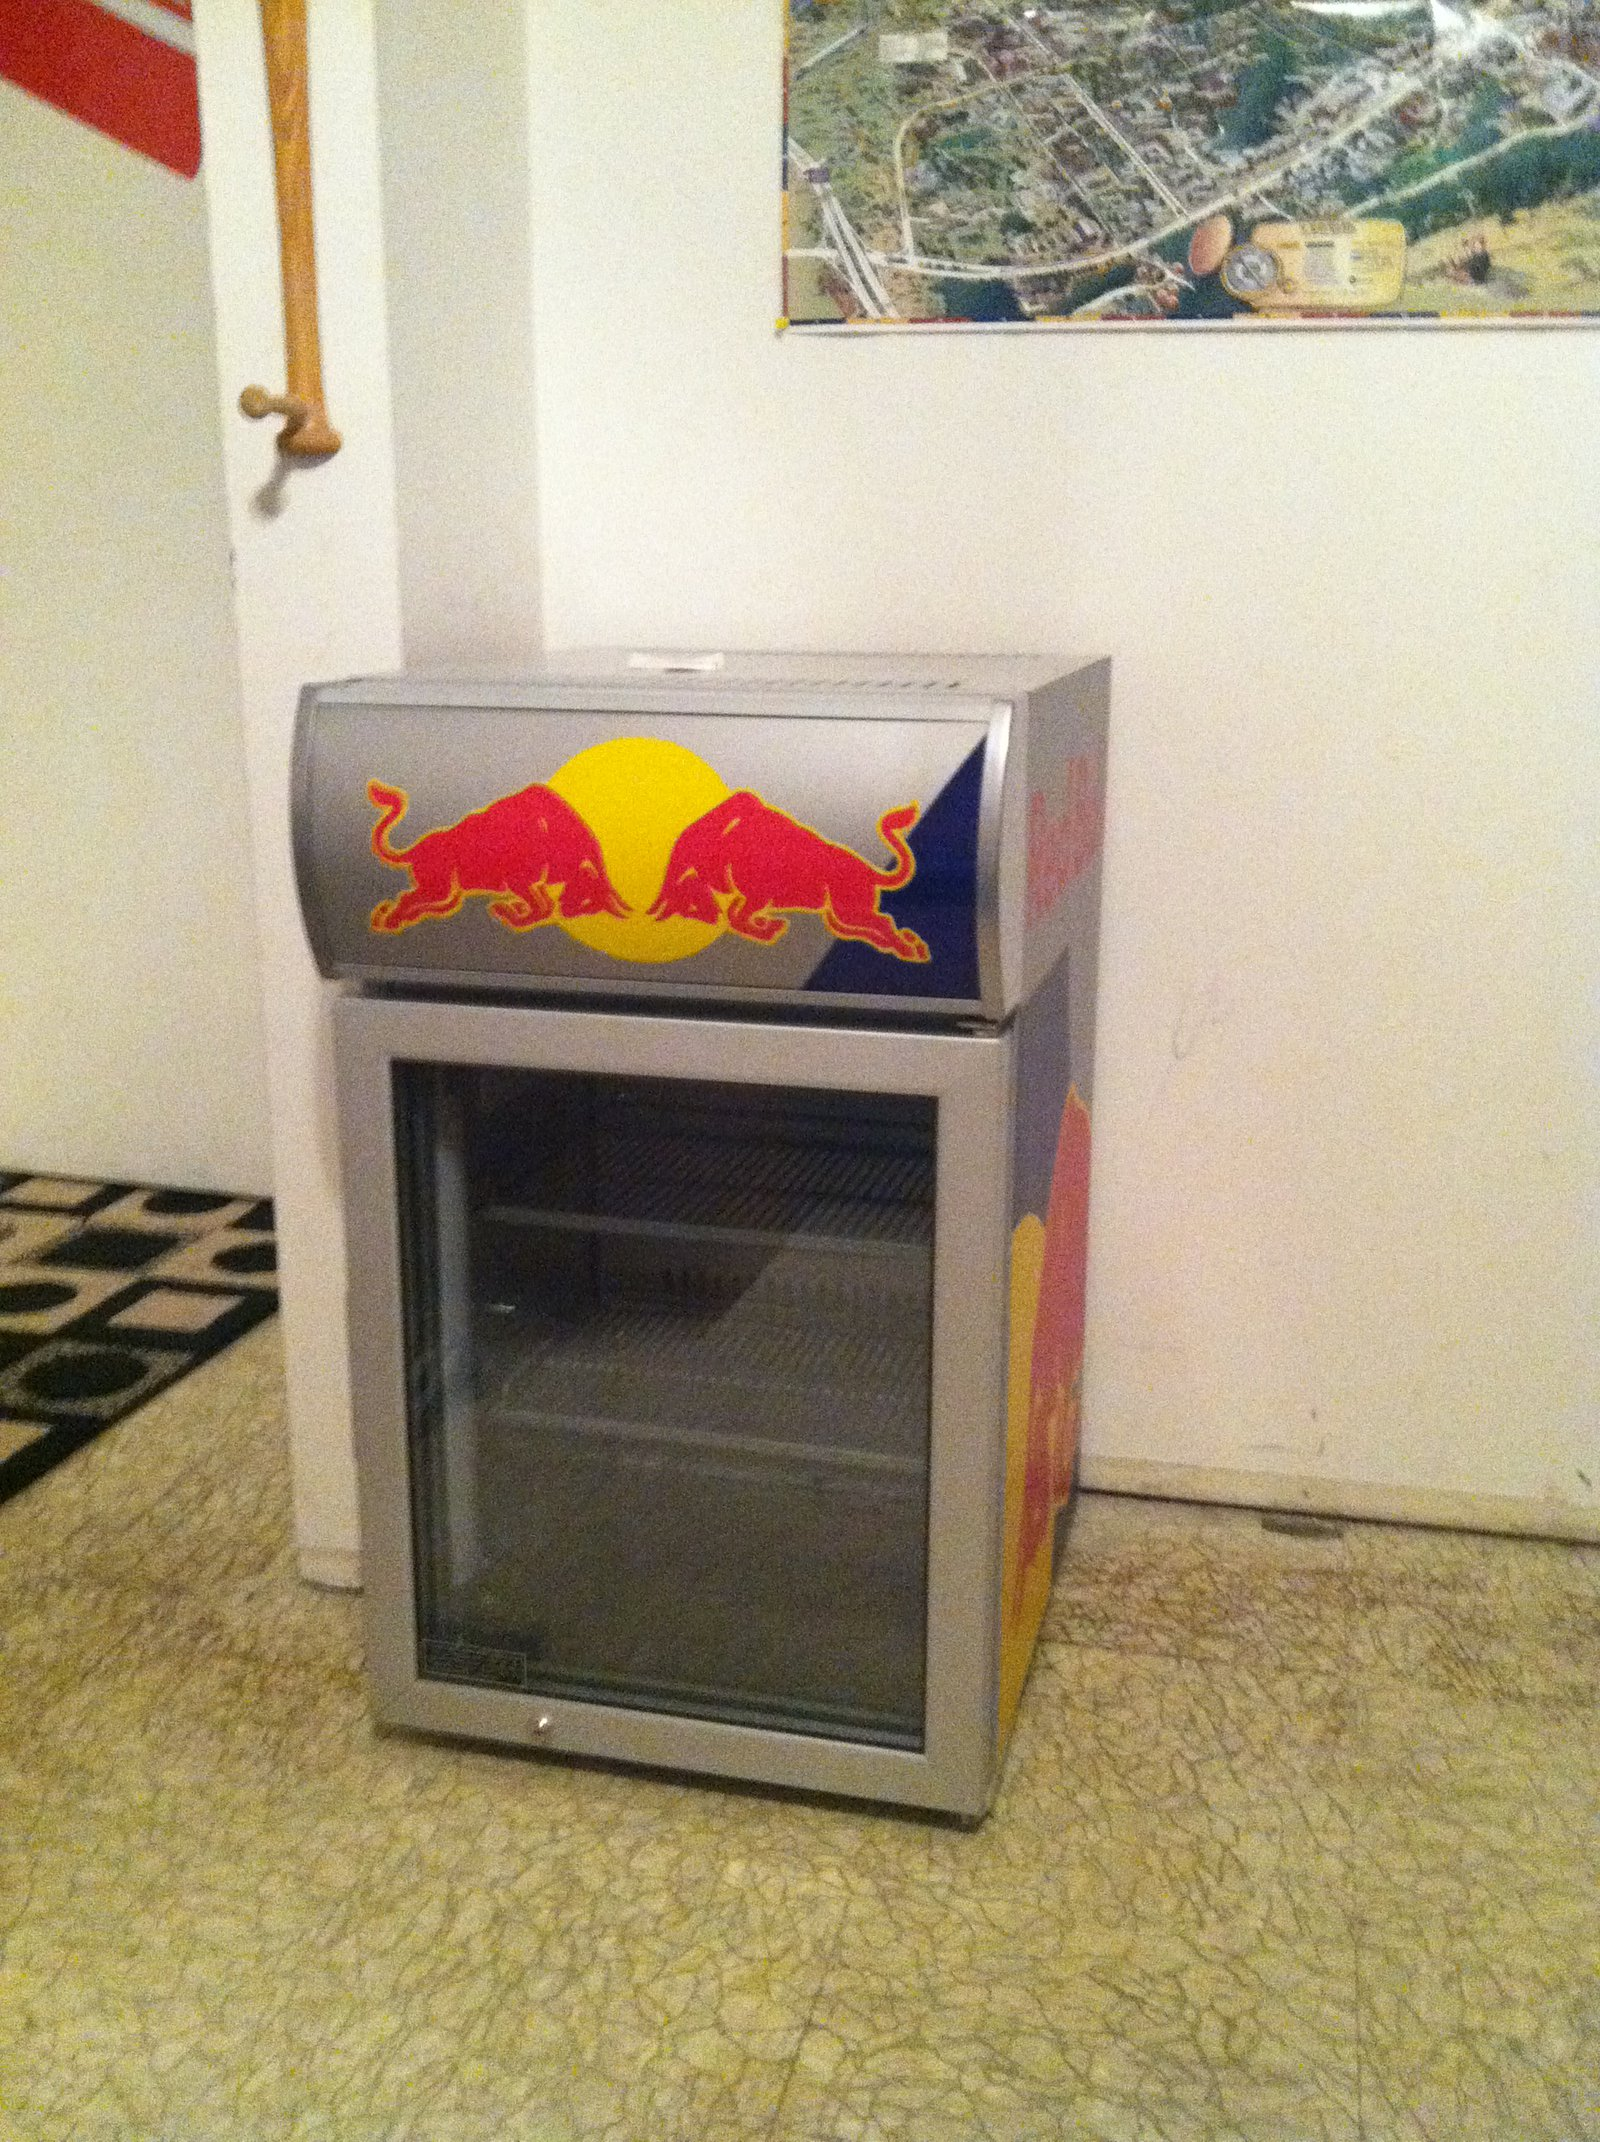 Reb bull fridge